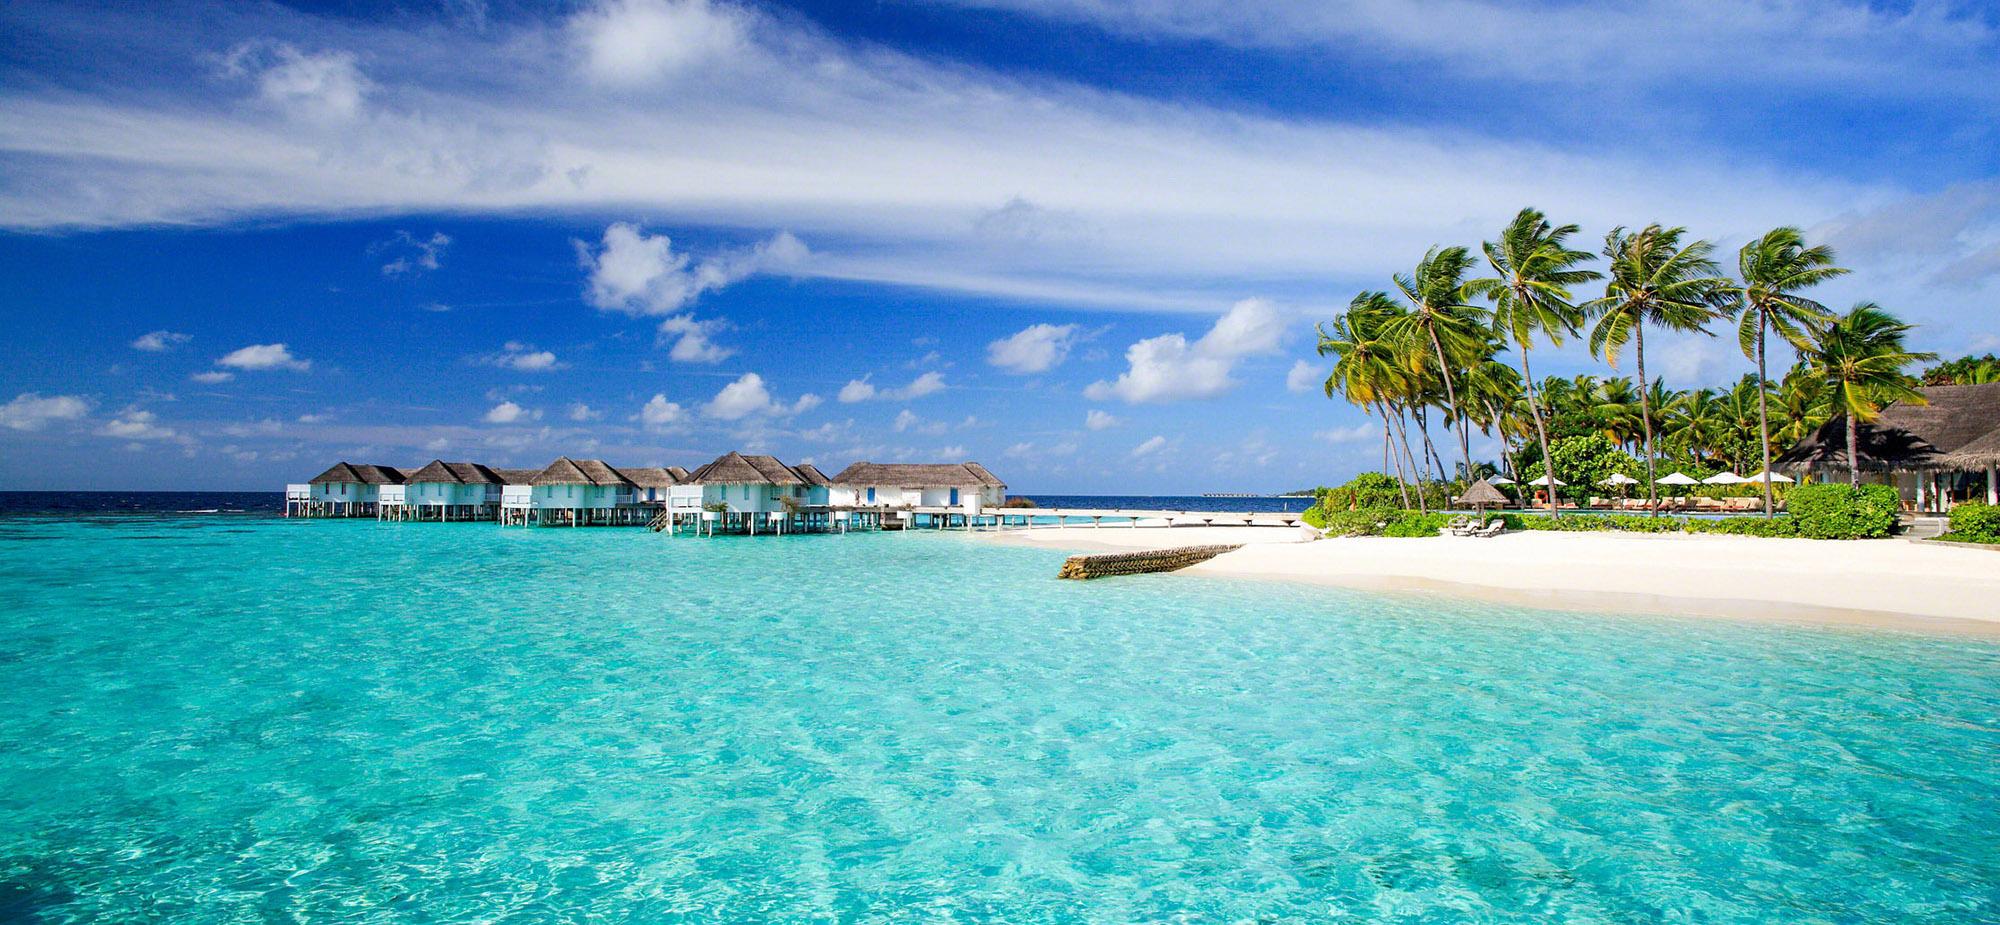 J'ai choisi hotelissima pour mon sejour aux Maldives